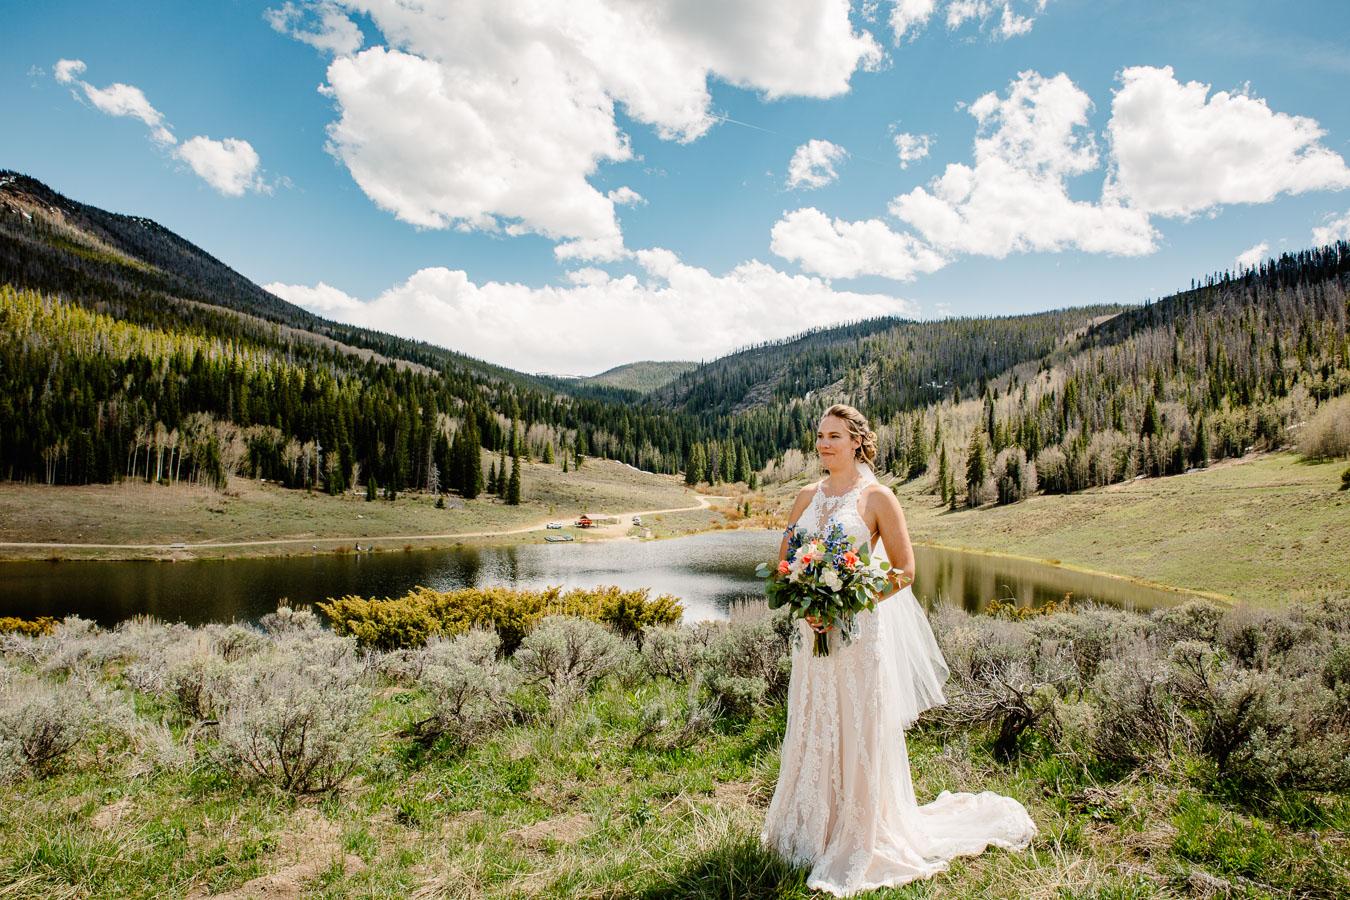 14-snow-mountain-ranch-winter-park-colorado-mountain-wedding-nathan-kayla-0750.jpg